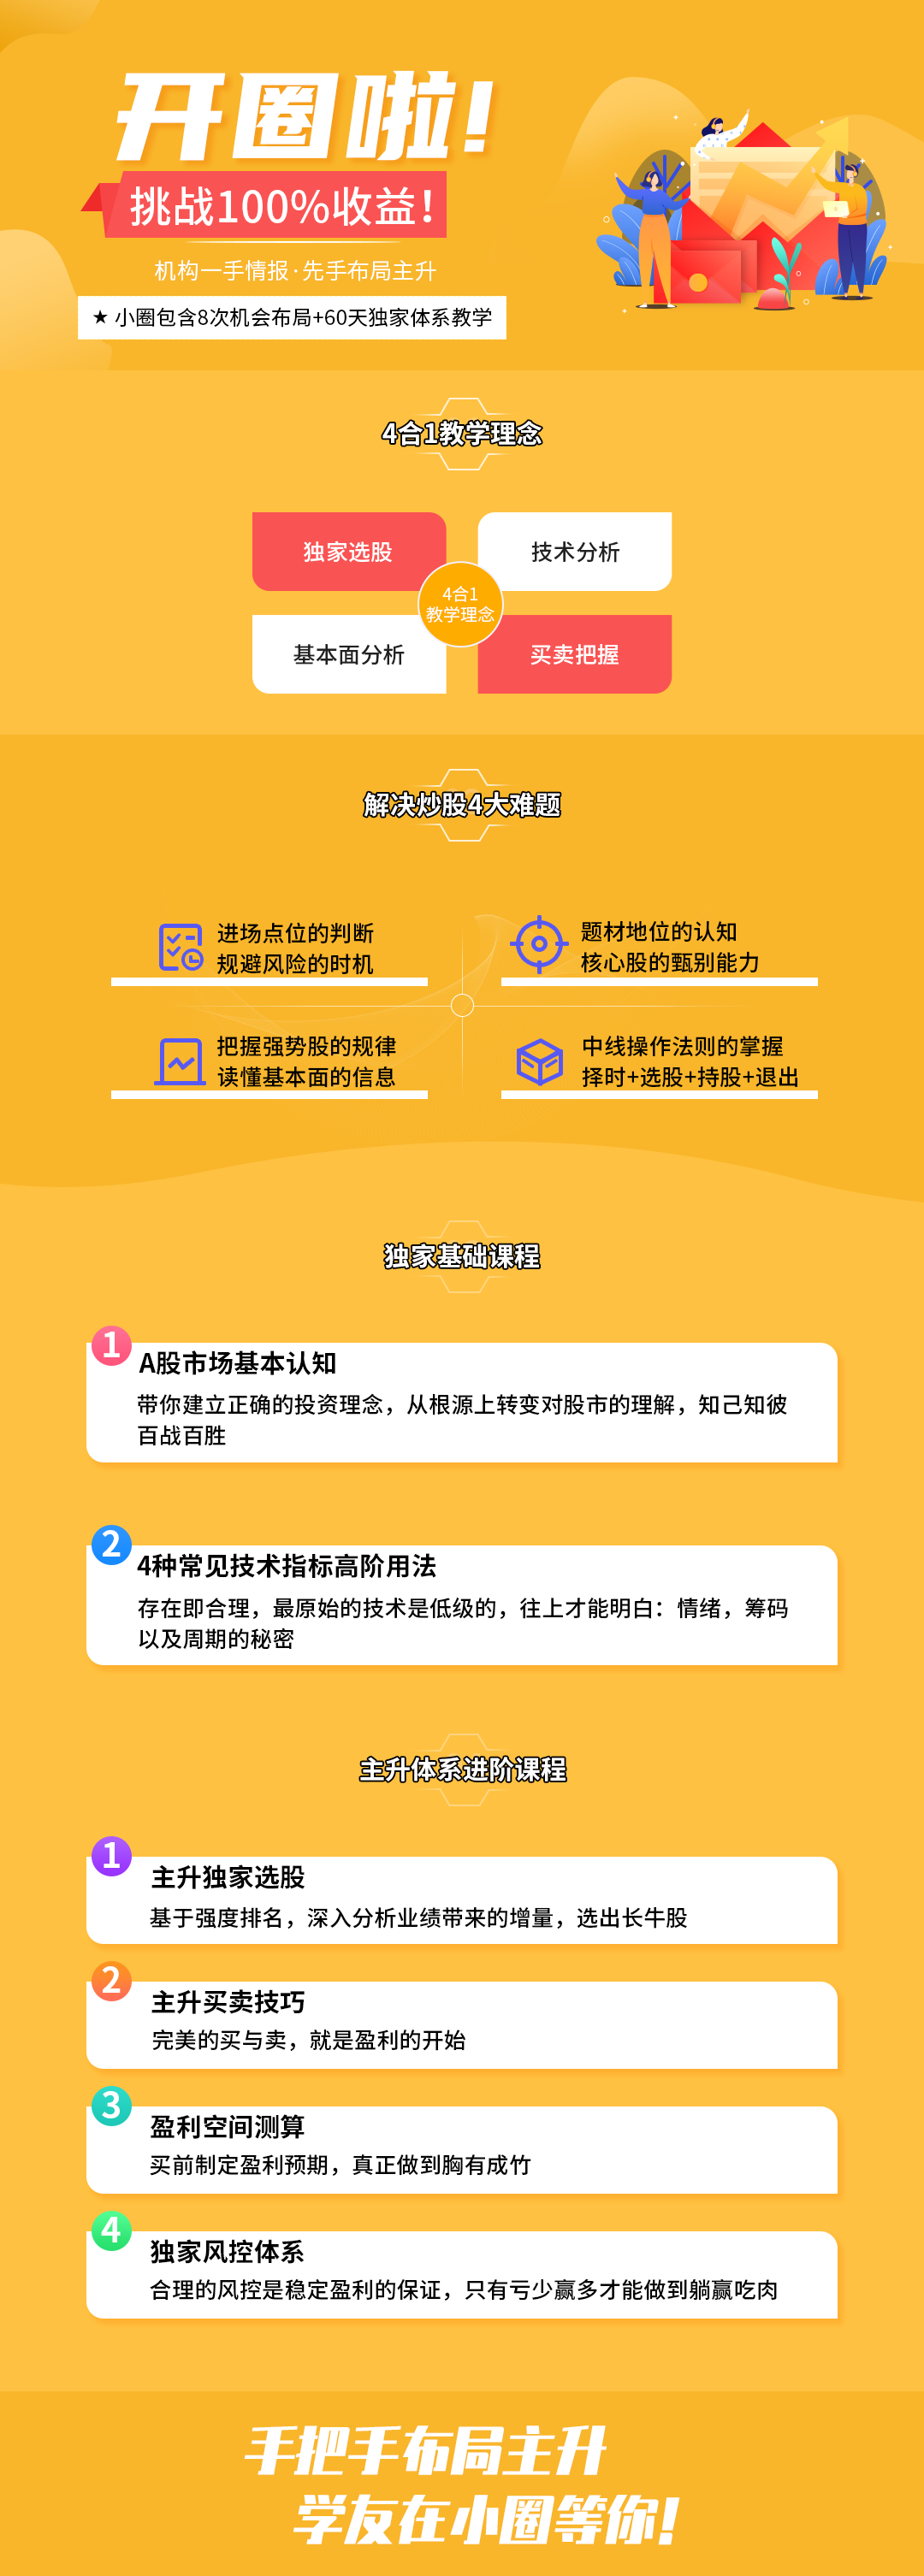 龙虎榜歌神主升体系小圈第三期(11月-1月期)